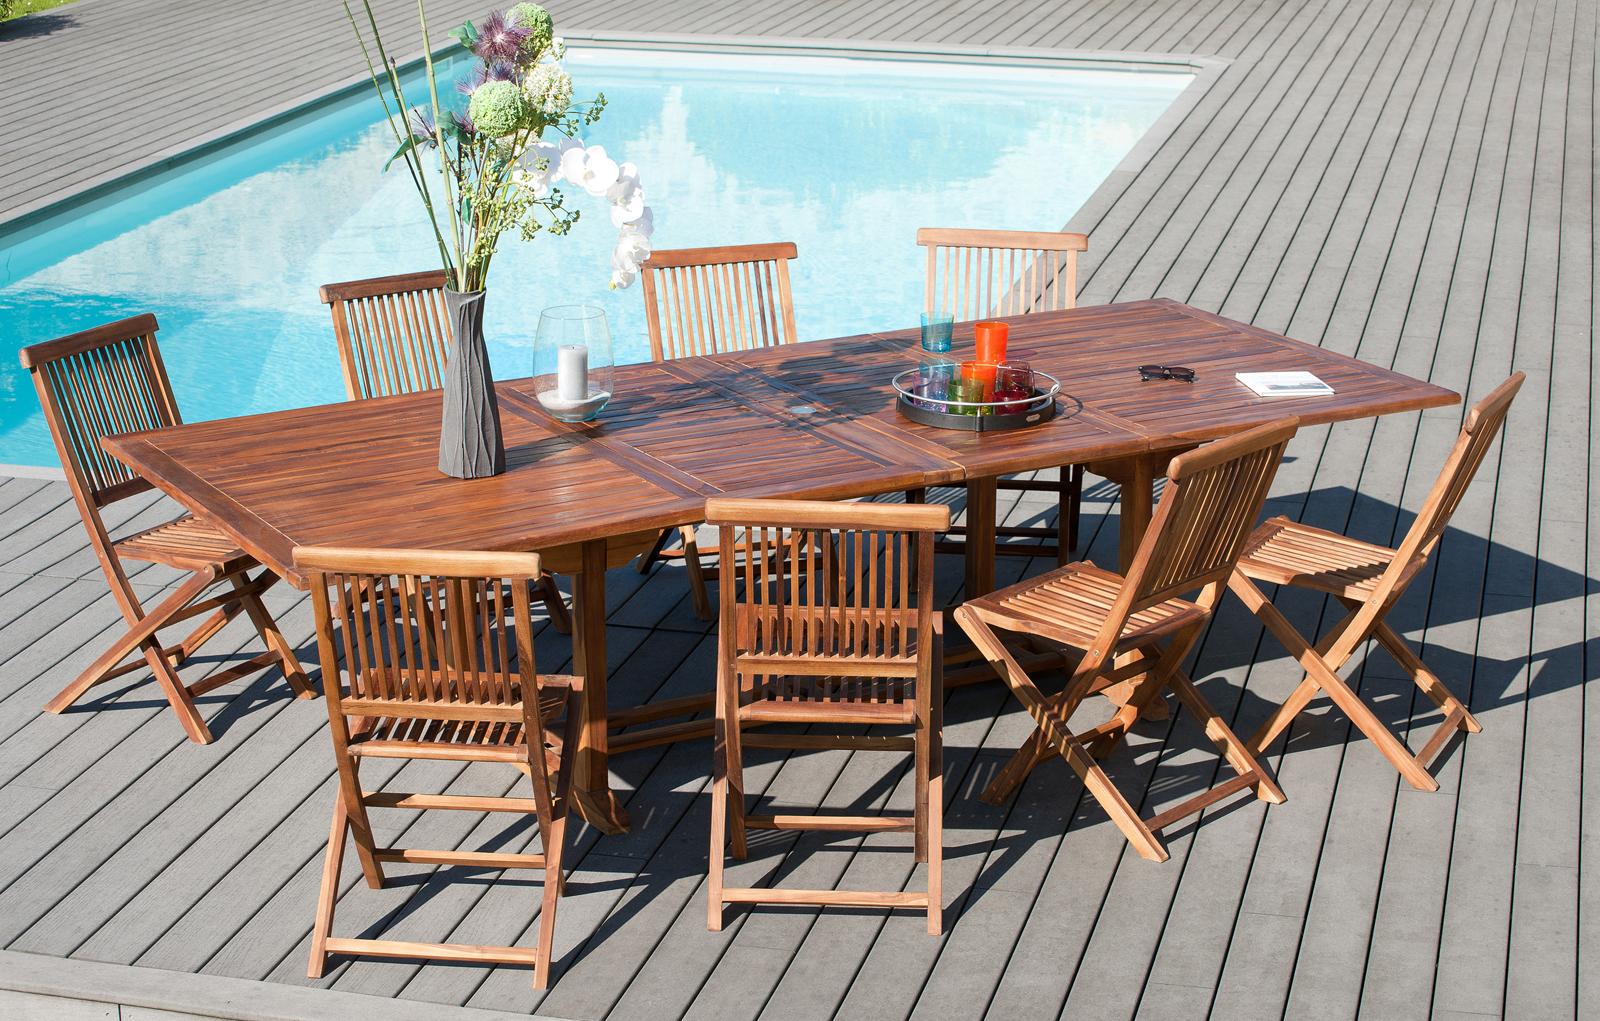 salon de jardin en teck massif huile table extensible 200 300x120x75cm 8 chaises macao ensemble repas pier import